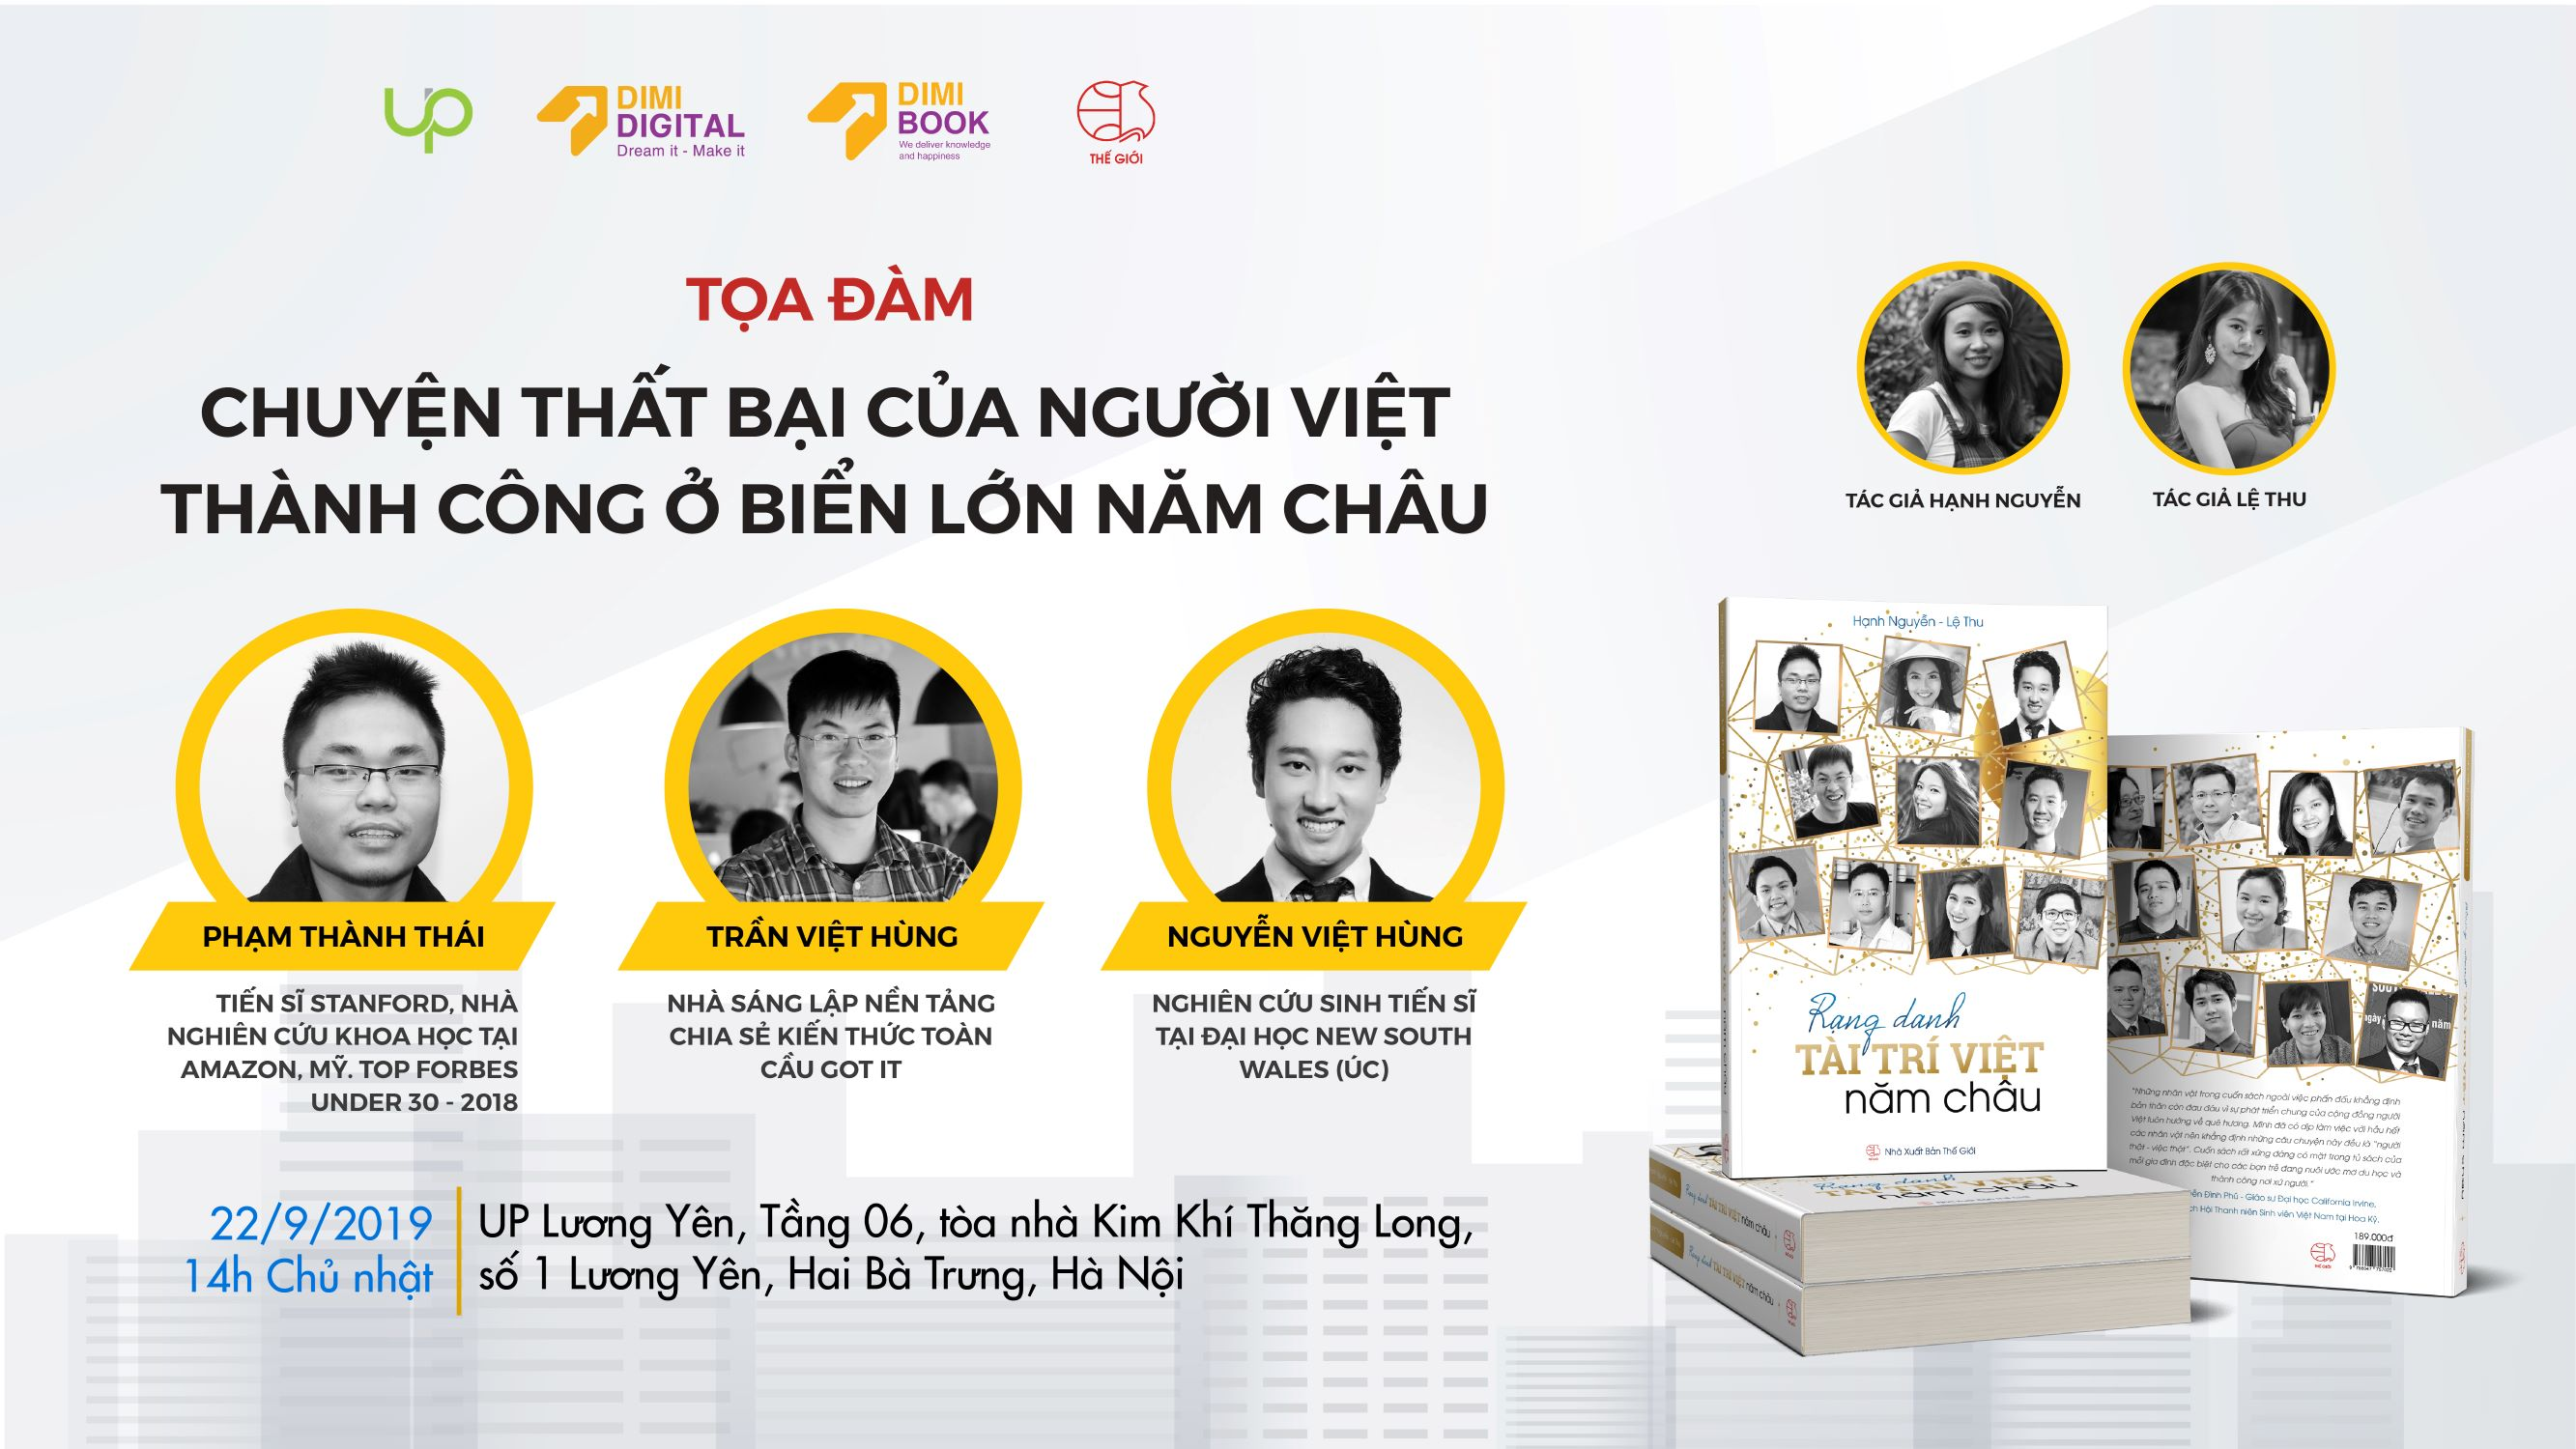 HOT!! Tọa Đàm tại HN: Chuyện Thất Bại Của Người Việt Thành Công Ở Biển Lớn Năm Châu 2019